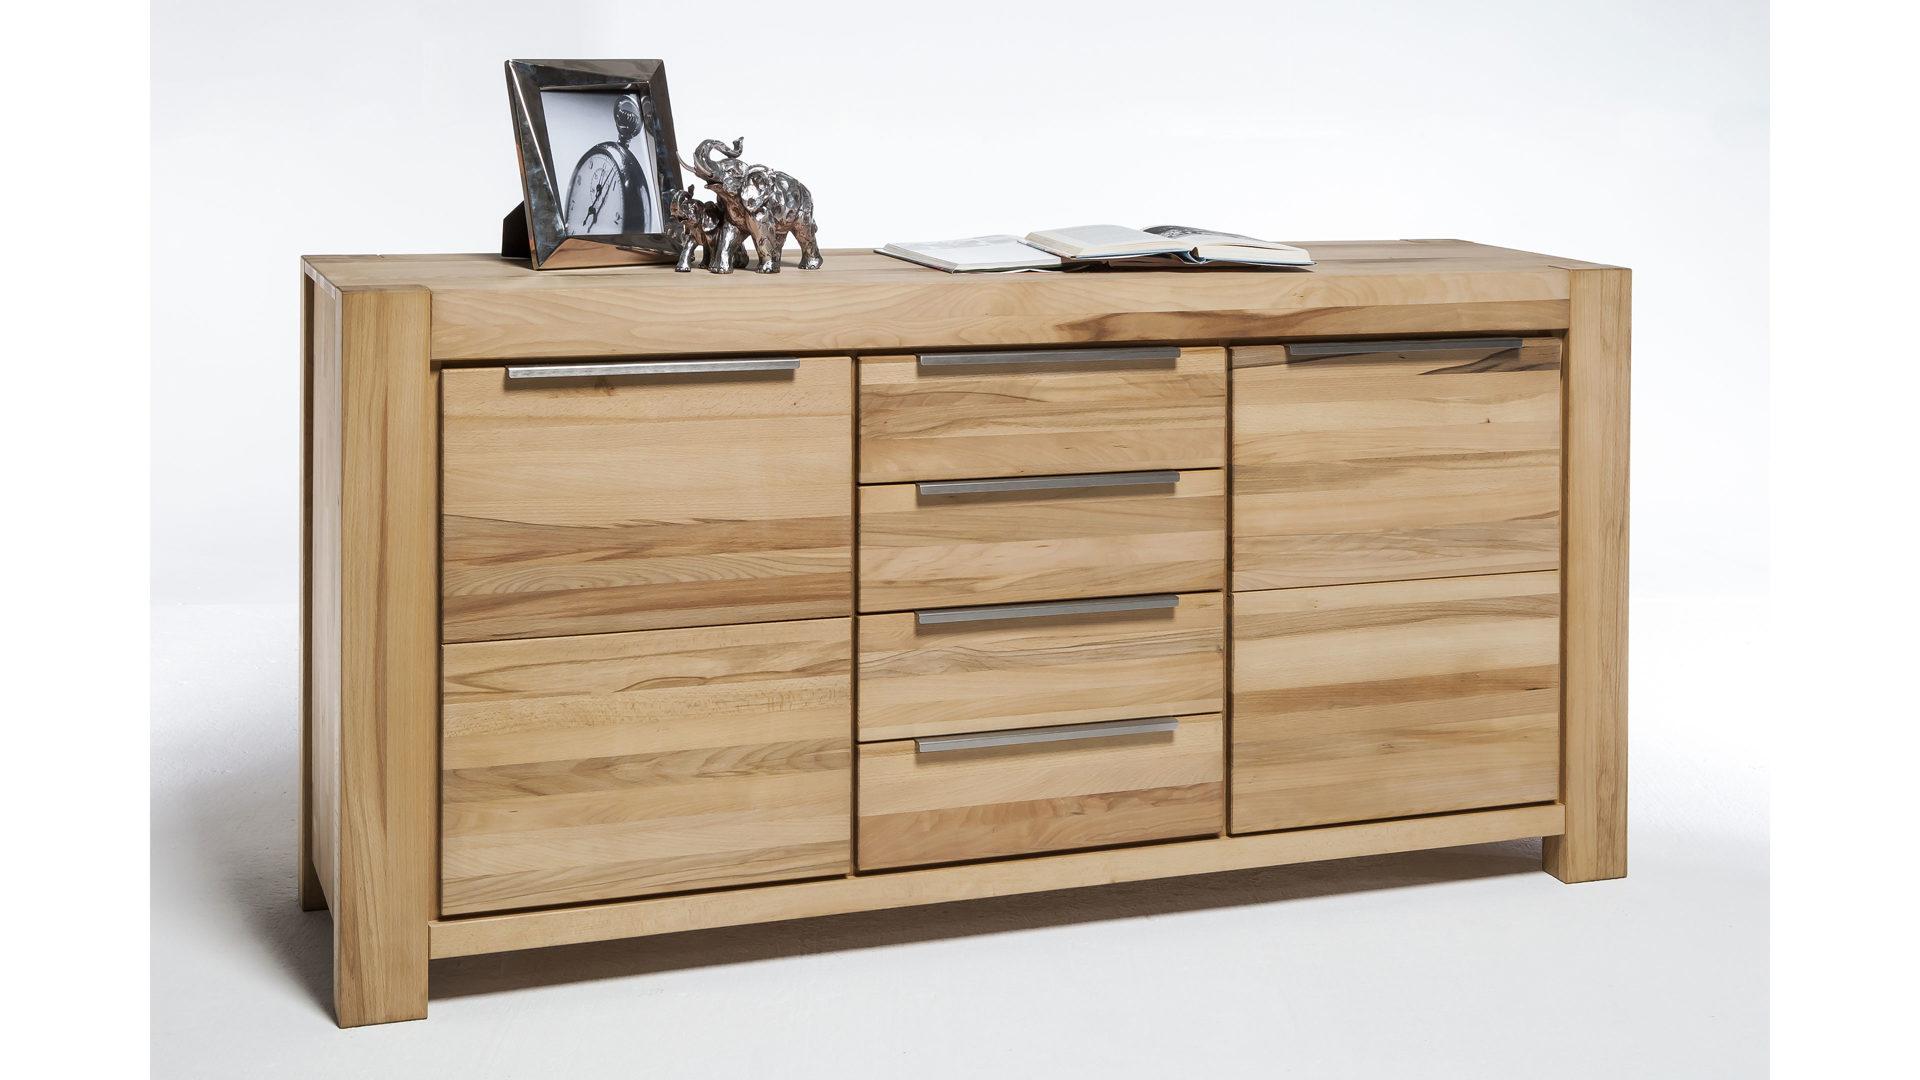 Möbel möbel frauendorfer amberg möbel a z schränke wohnwände